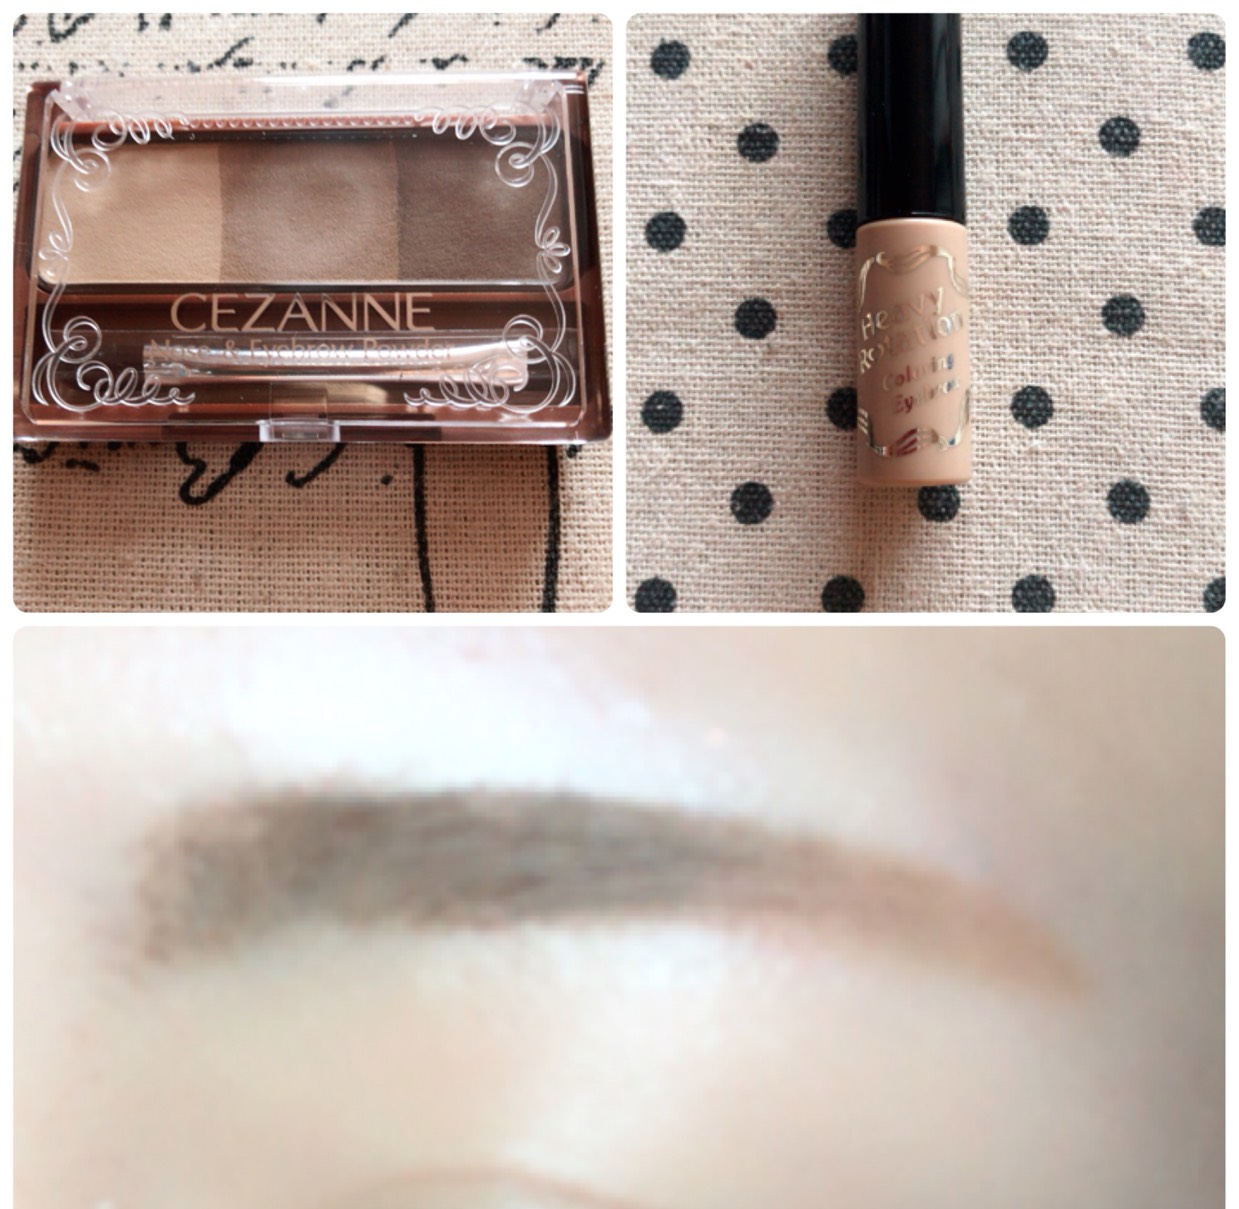 足りないところをパウダーで書き足してから眉マスカラを塗ります。